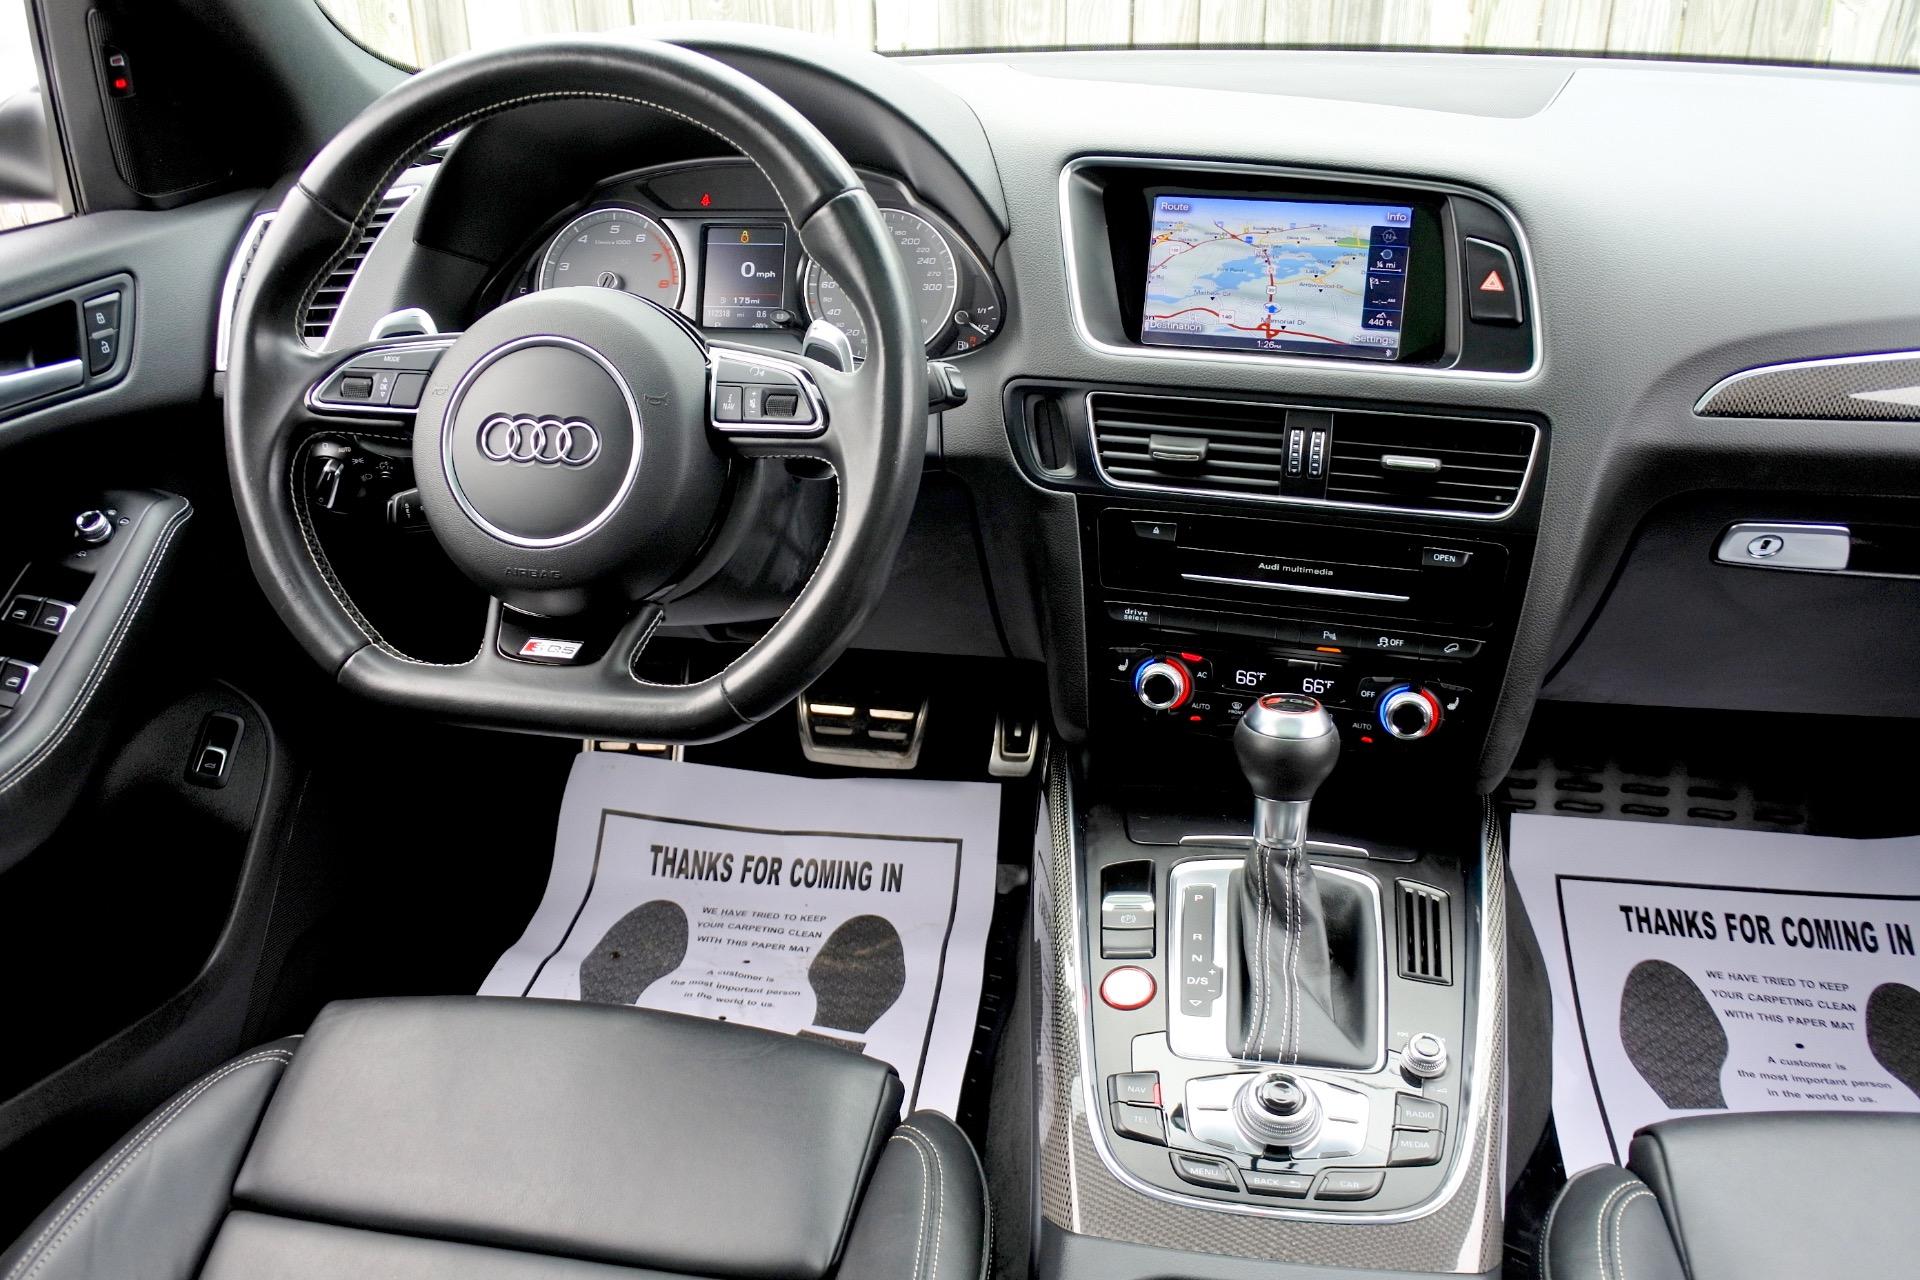 Used 2014 Audi Sq5 3.0 Quattro Used 2014 Audi Sq5 3.0 Quattro for sale  at Metro West Motorcars LLC in Shrewsbury MA 10